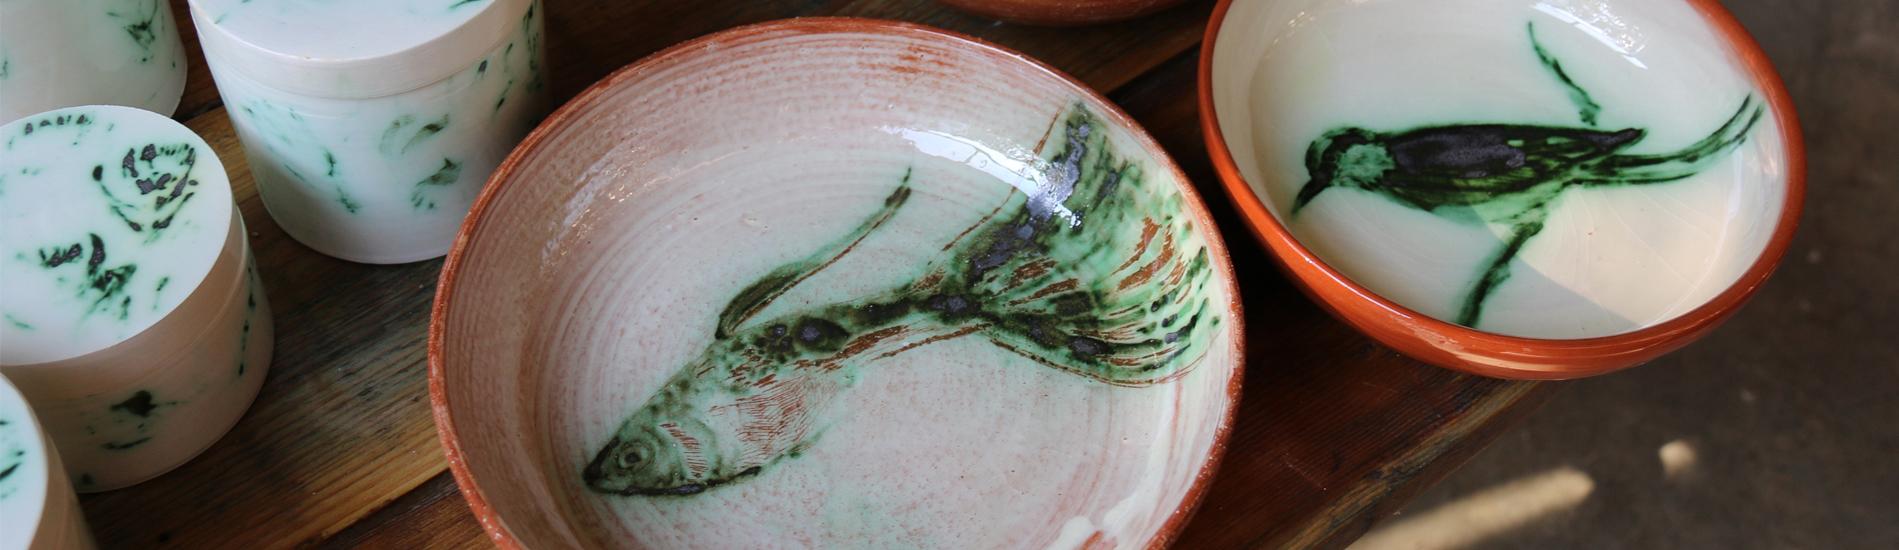 Boites, saladier et assiette décorées à l'oxyde de cuivre.